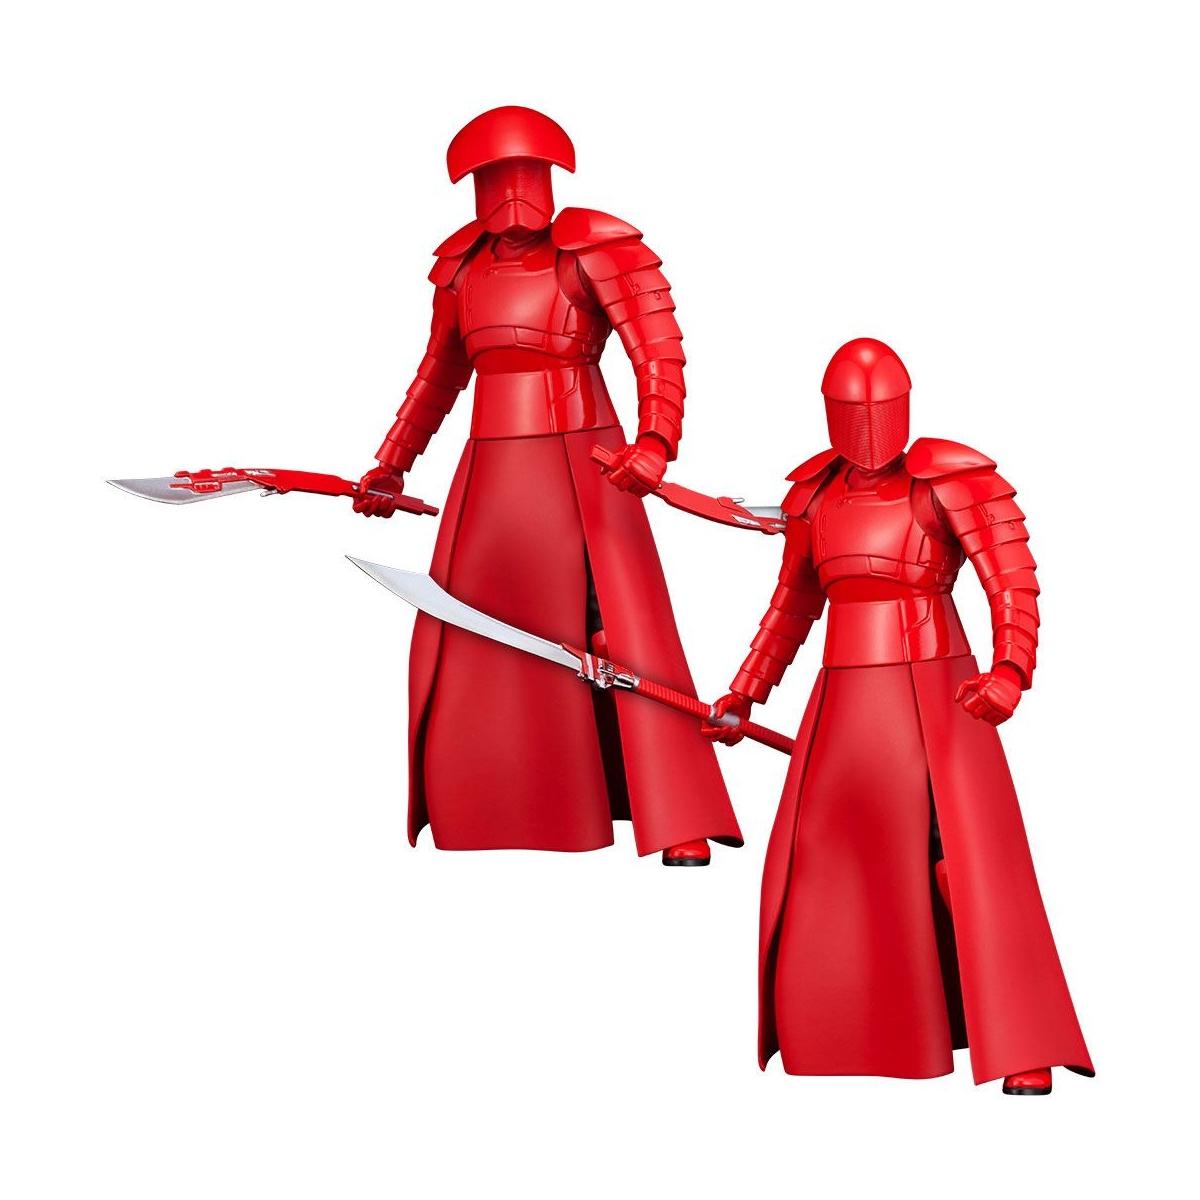 Pack de 2 Statuettes KOTOBUKIYA ARTFX+ ELITE PRAETORIAN GUARDS - Star Wars Episode VIII -(Frais de livraison et taxes Incluses)